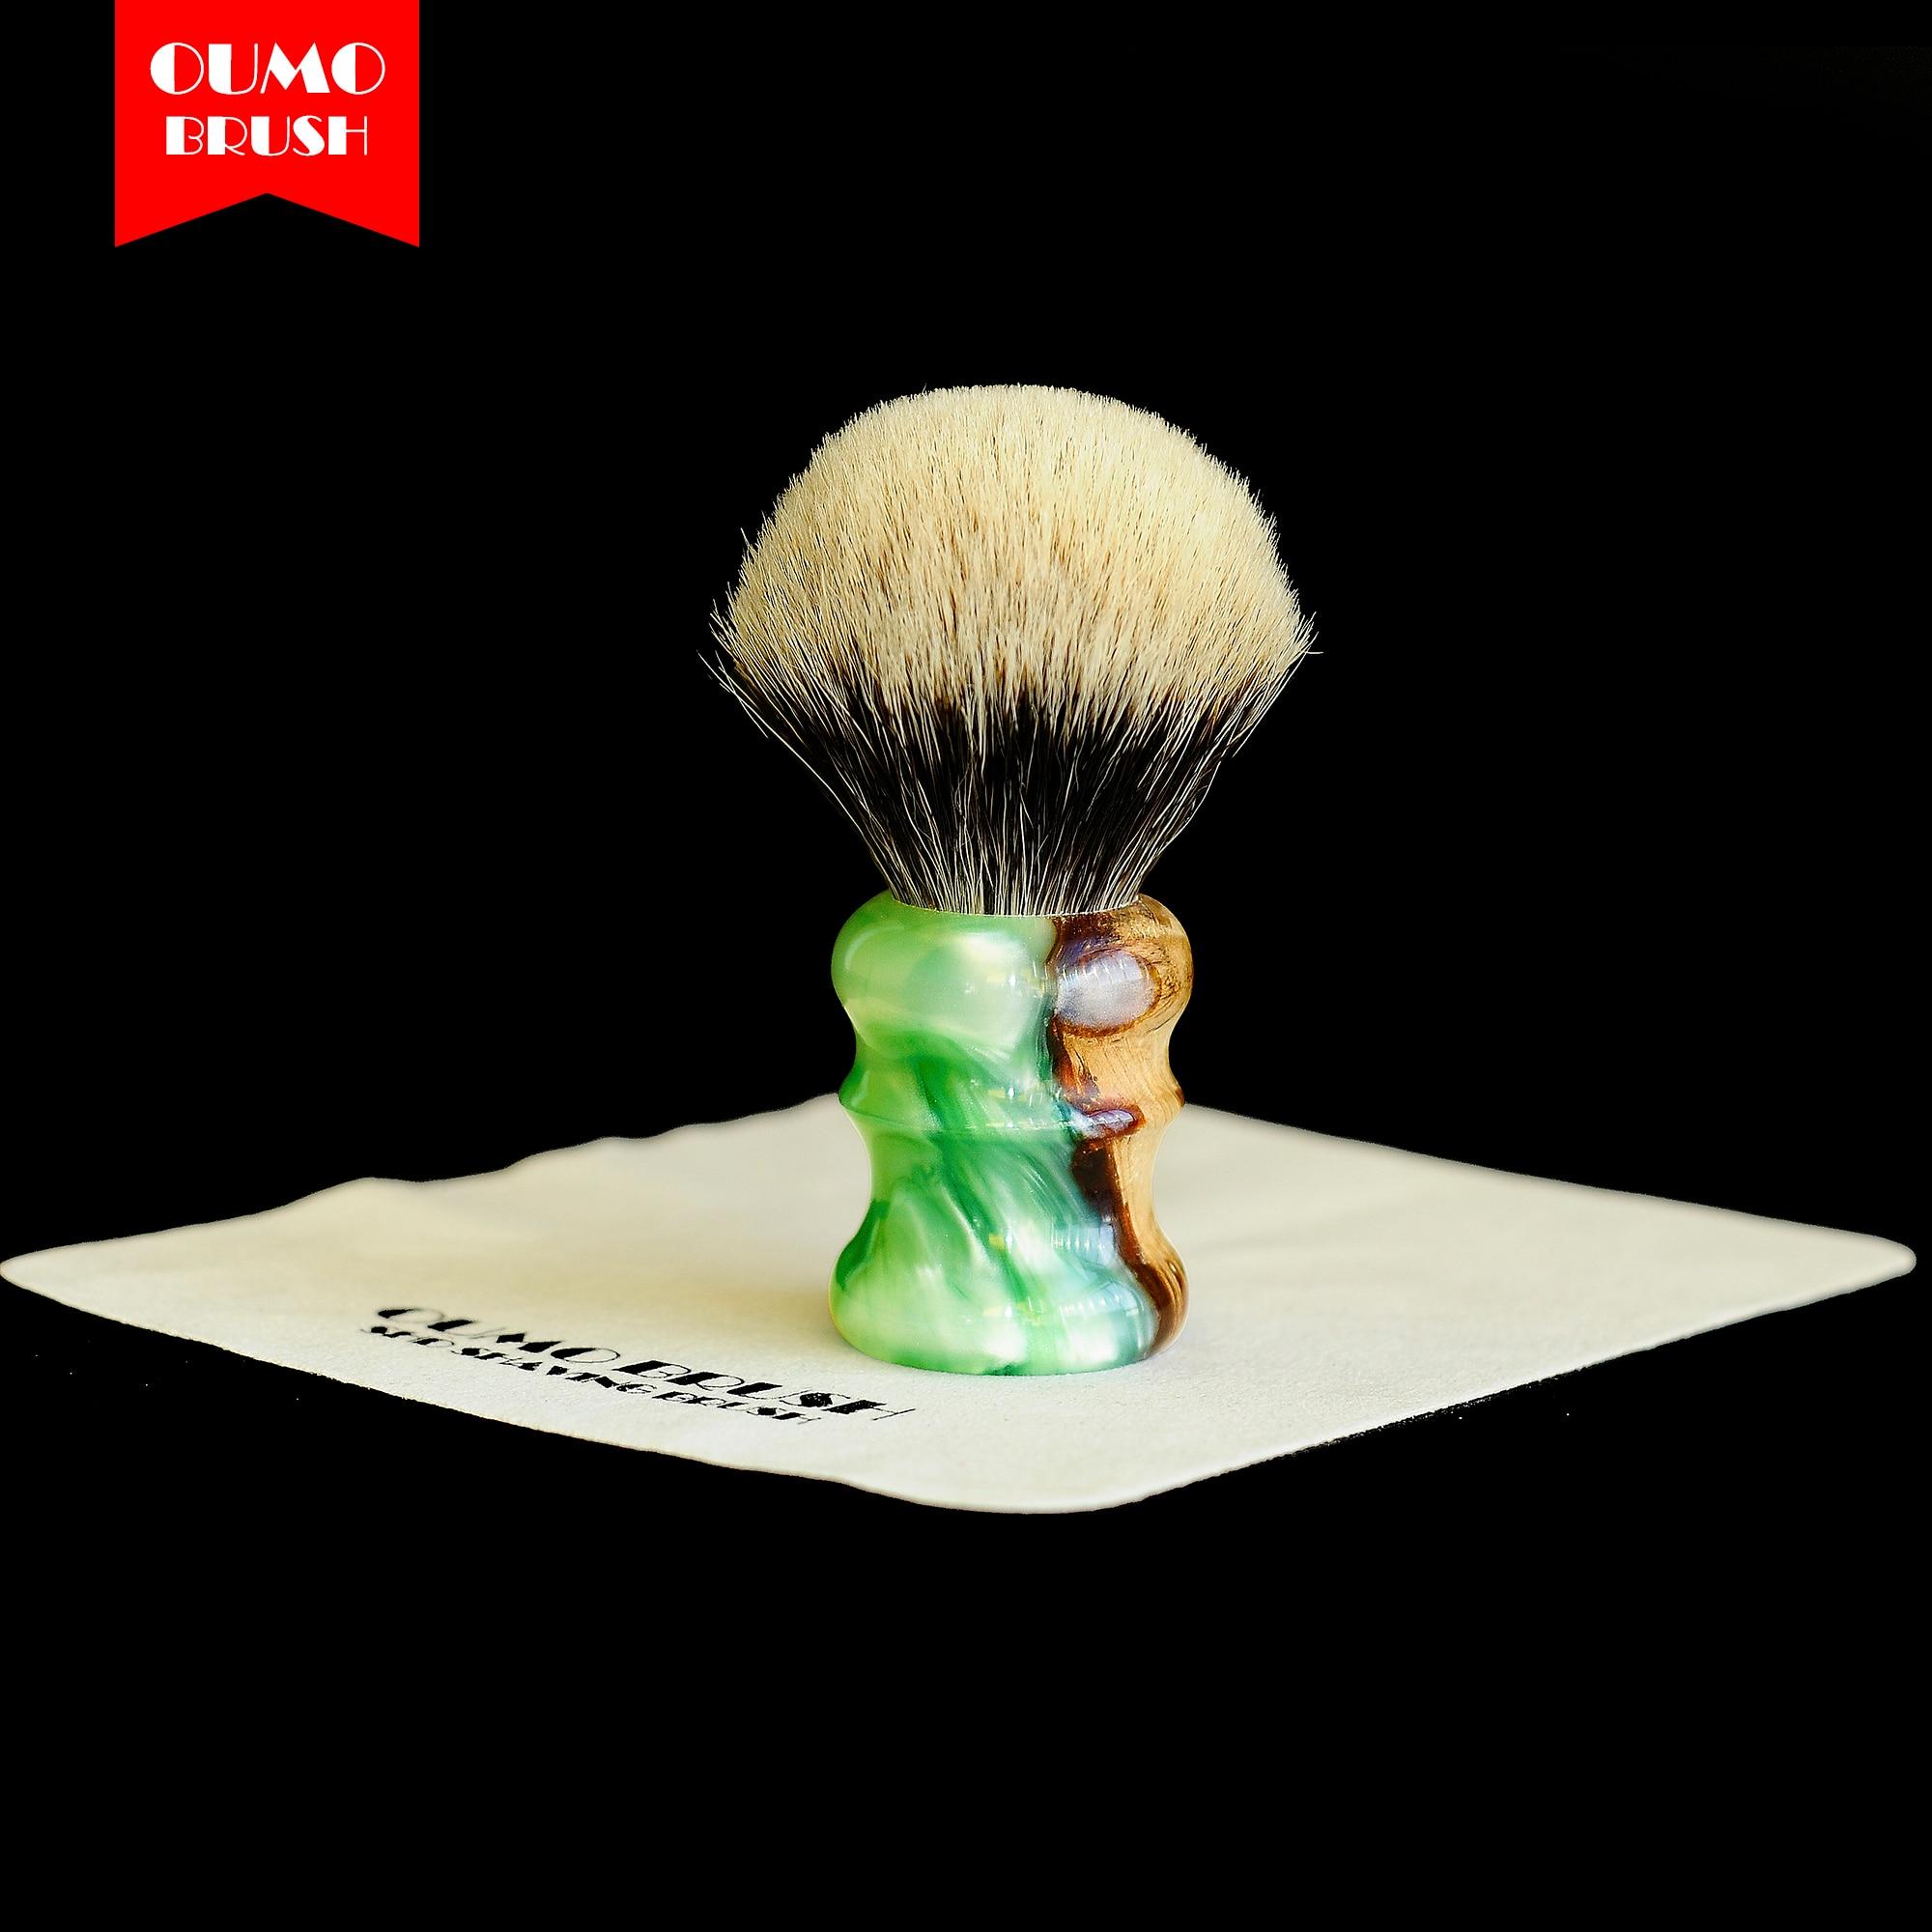 OUMO BRUSH- Sandalwood With Resin SHD Manchuria Badger Knots Shaving Brush Gel Tip